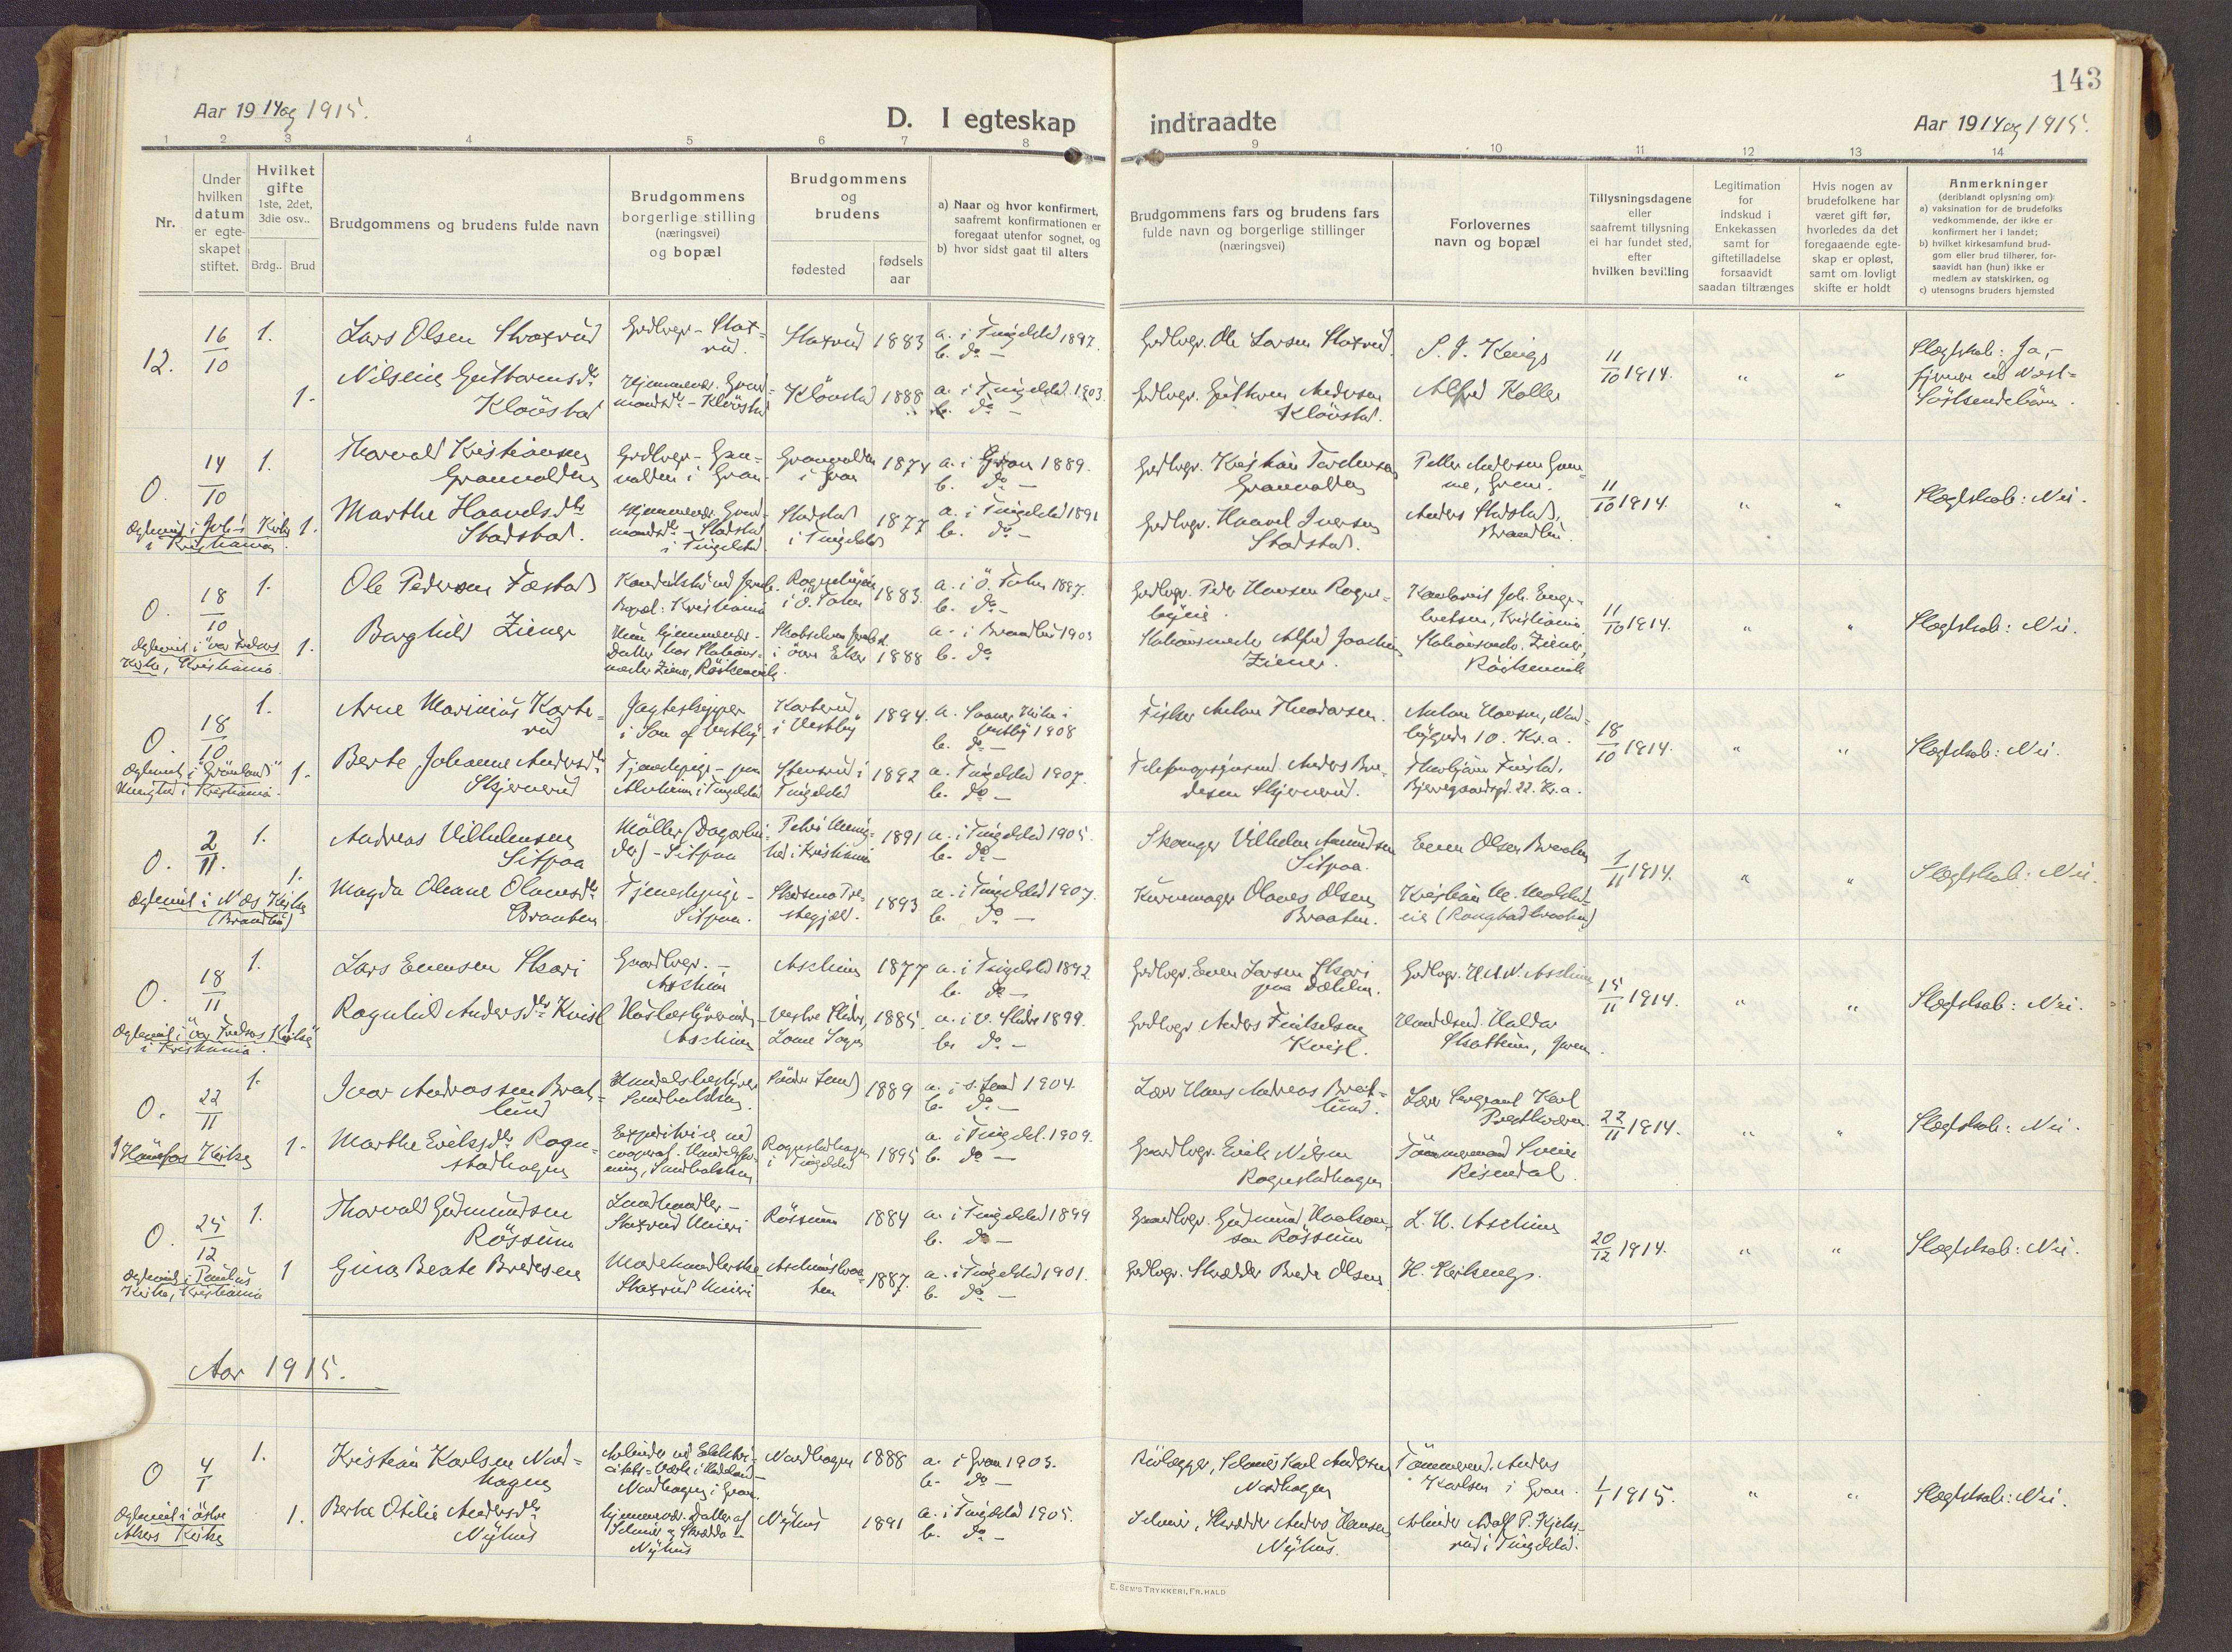 SAH, Brandbu prestekontor, Ministerialbok nr. 3, 1914-1928, s. 143